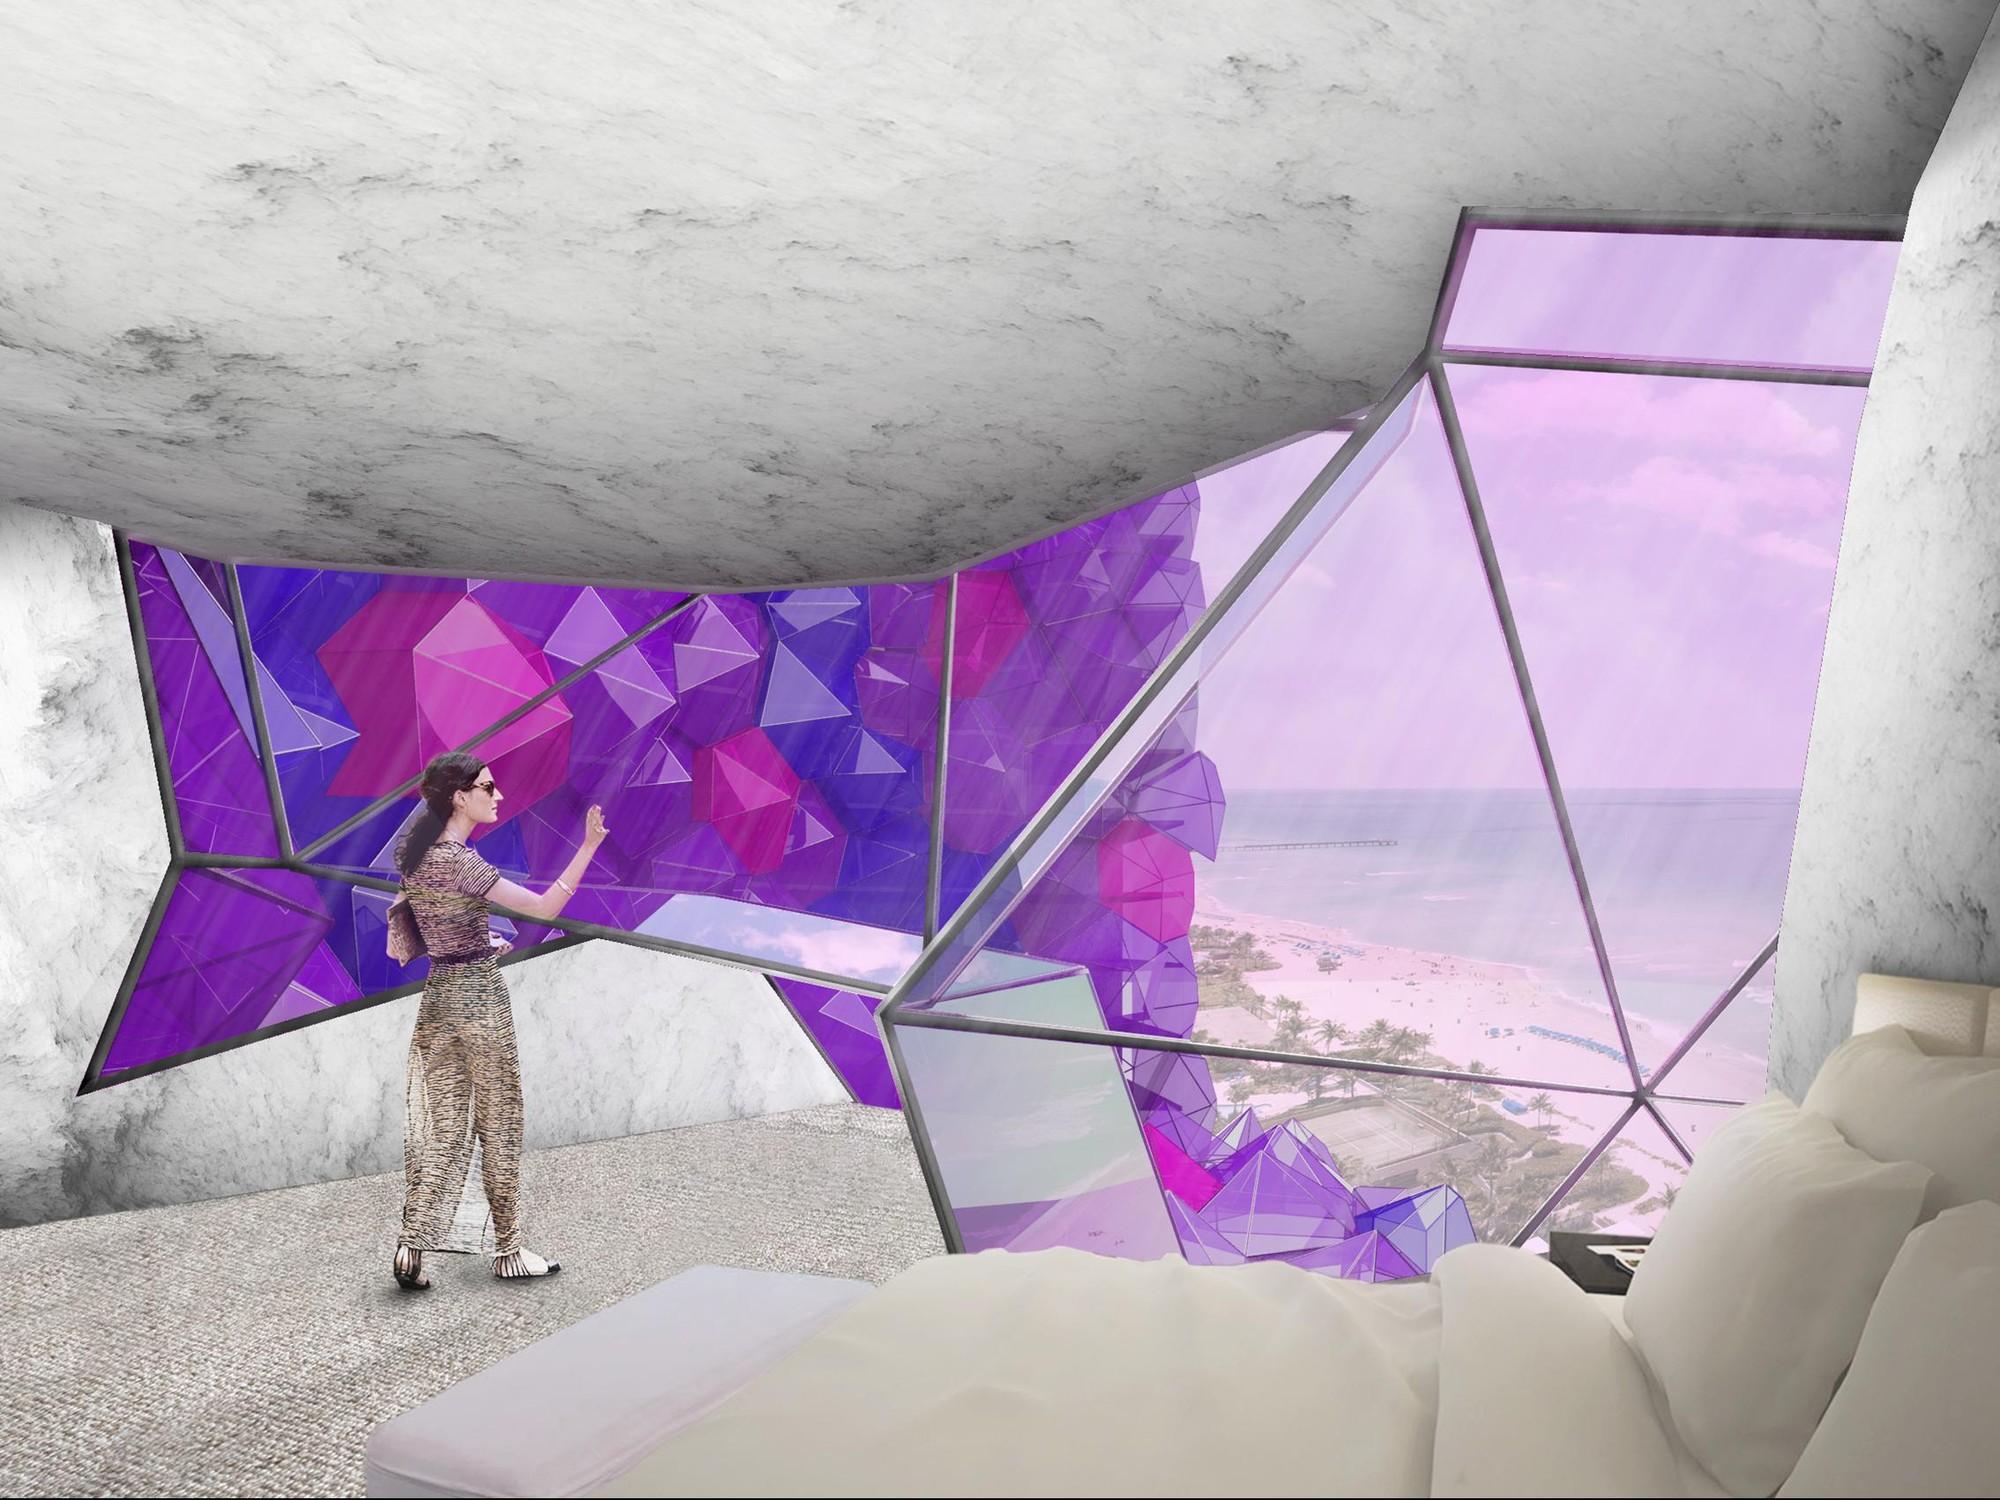 Imagen Cortesía de NL Architects